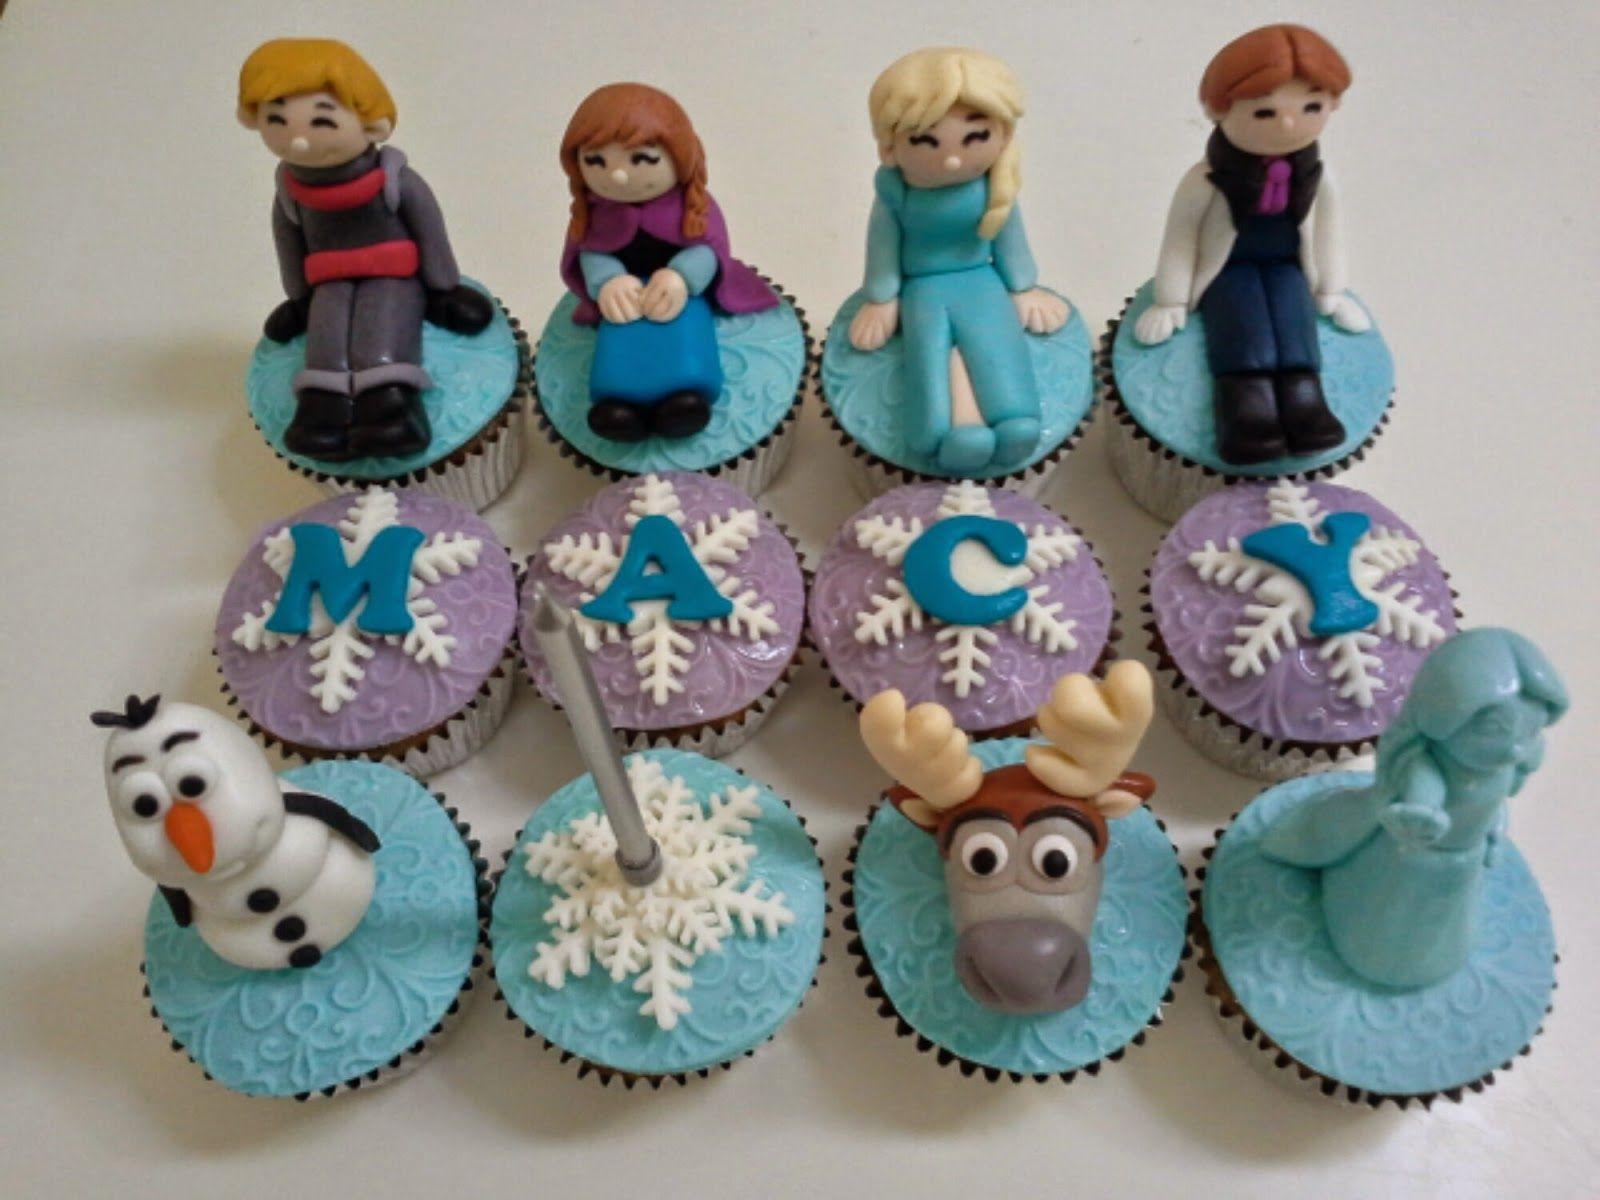 cupcake images for the movie frozen | Cupcakes decorados con celeste y blanco y encima, tarjetas circulares ...